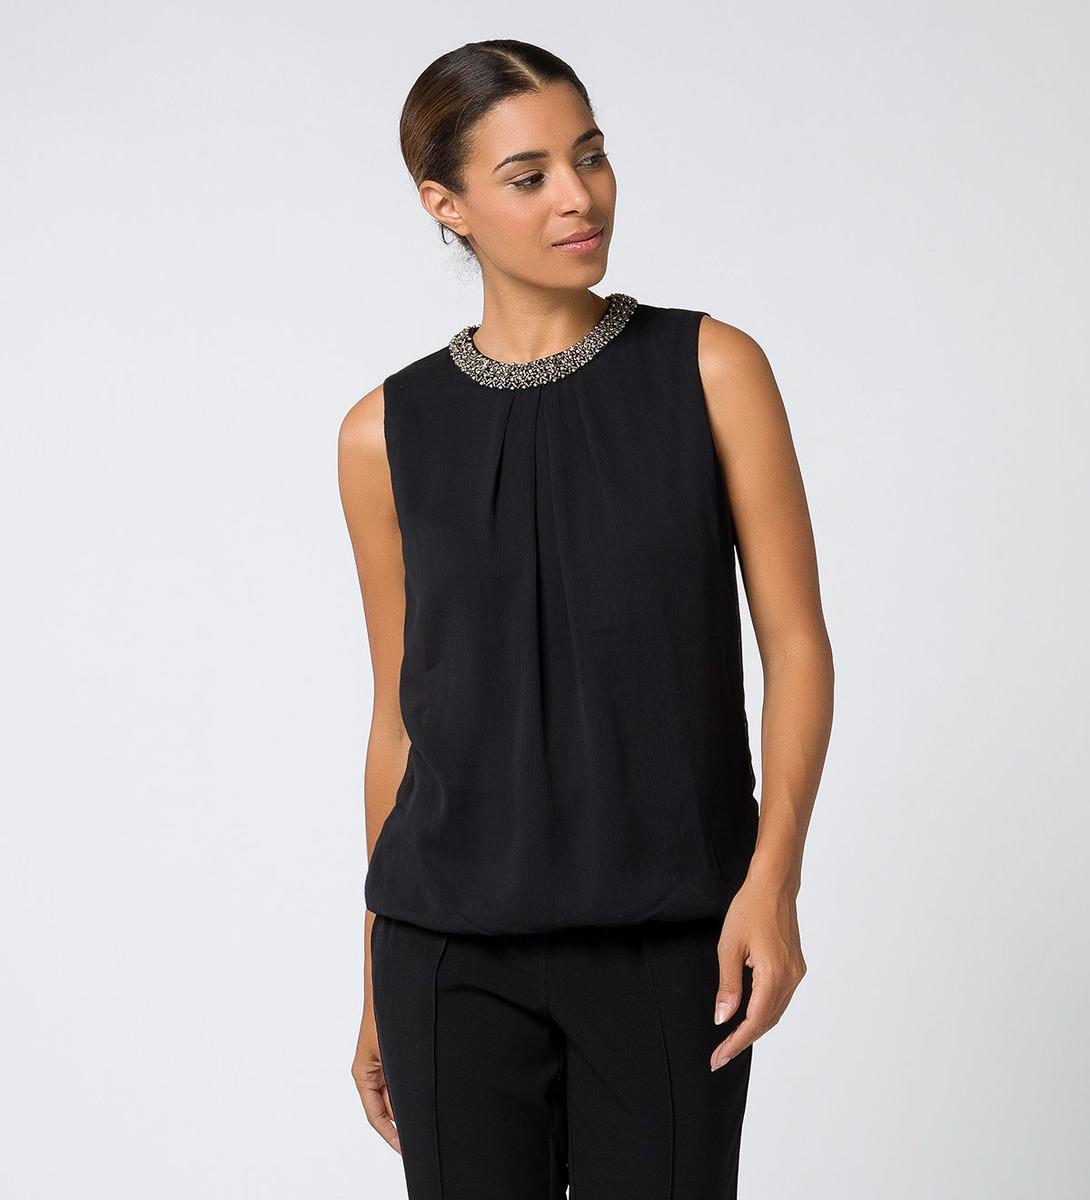 Bluse mit perlenbesticktem Kragen black